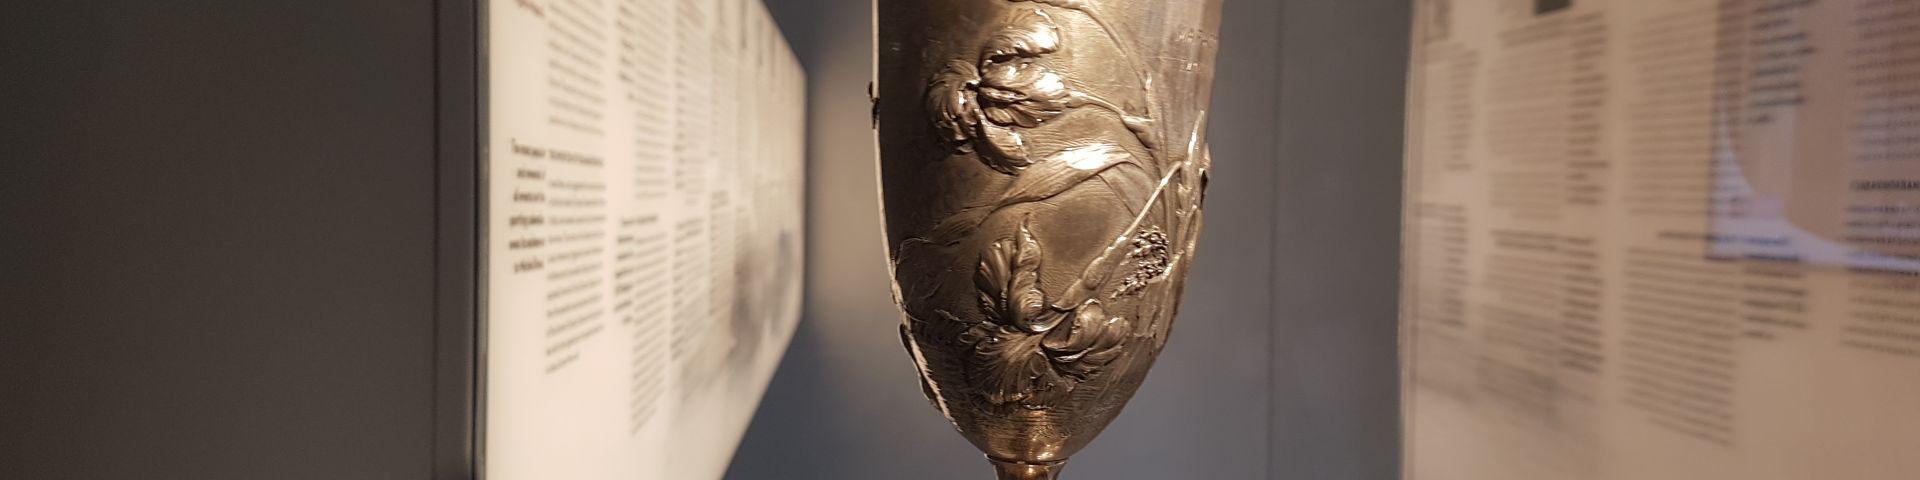 Κύπελλο Σπύρου Λούη - Εικόνα